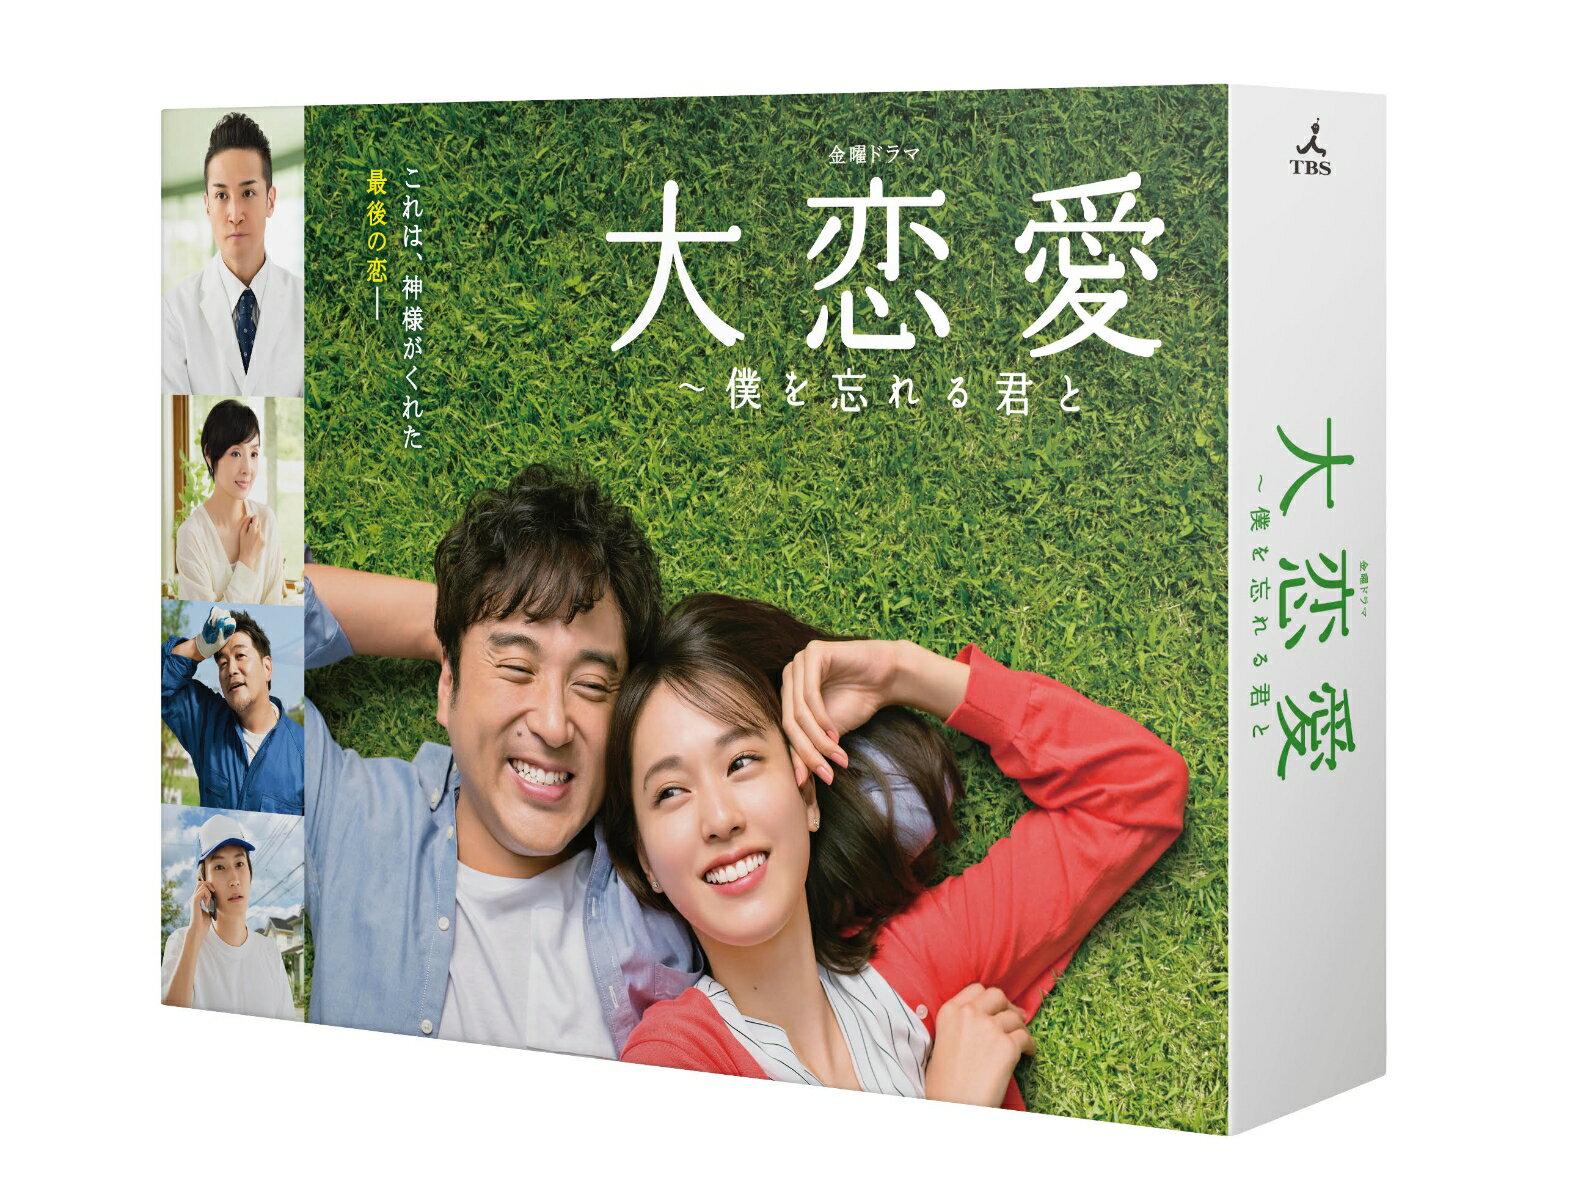 大恋愛〜僕を忘れる君と Blu-ray BOX